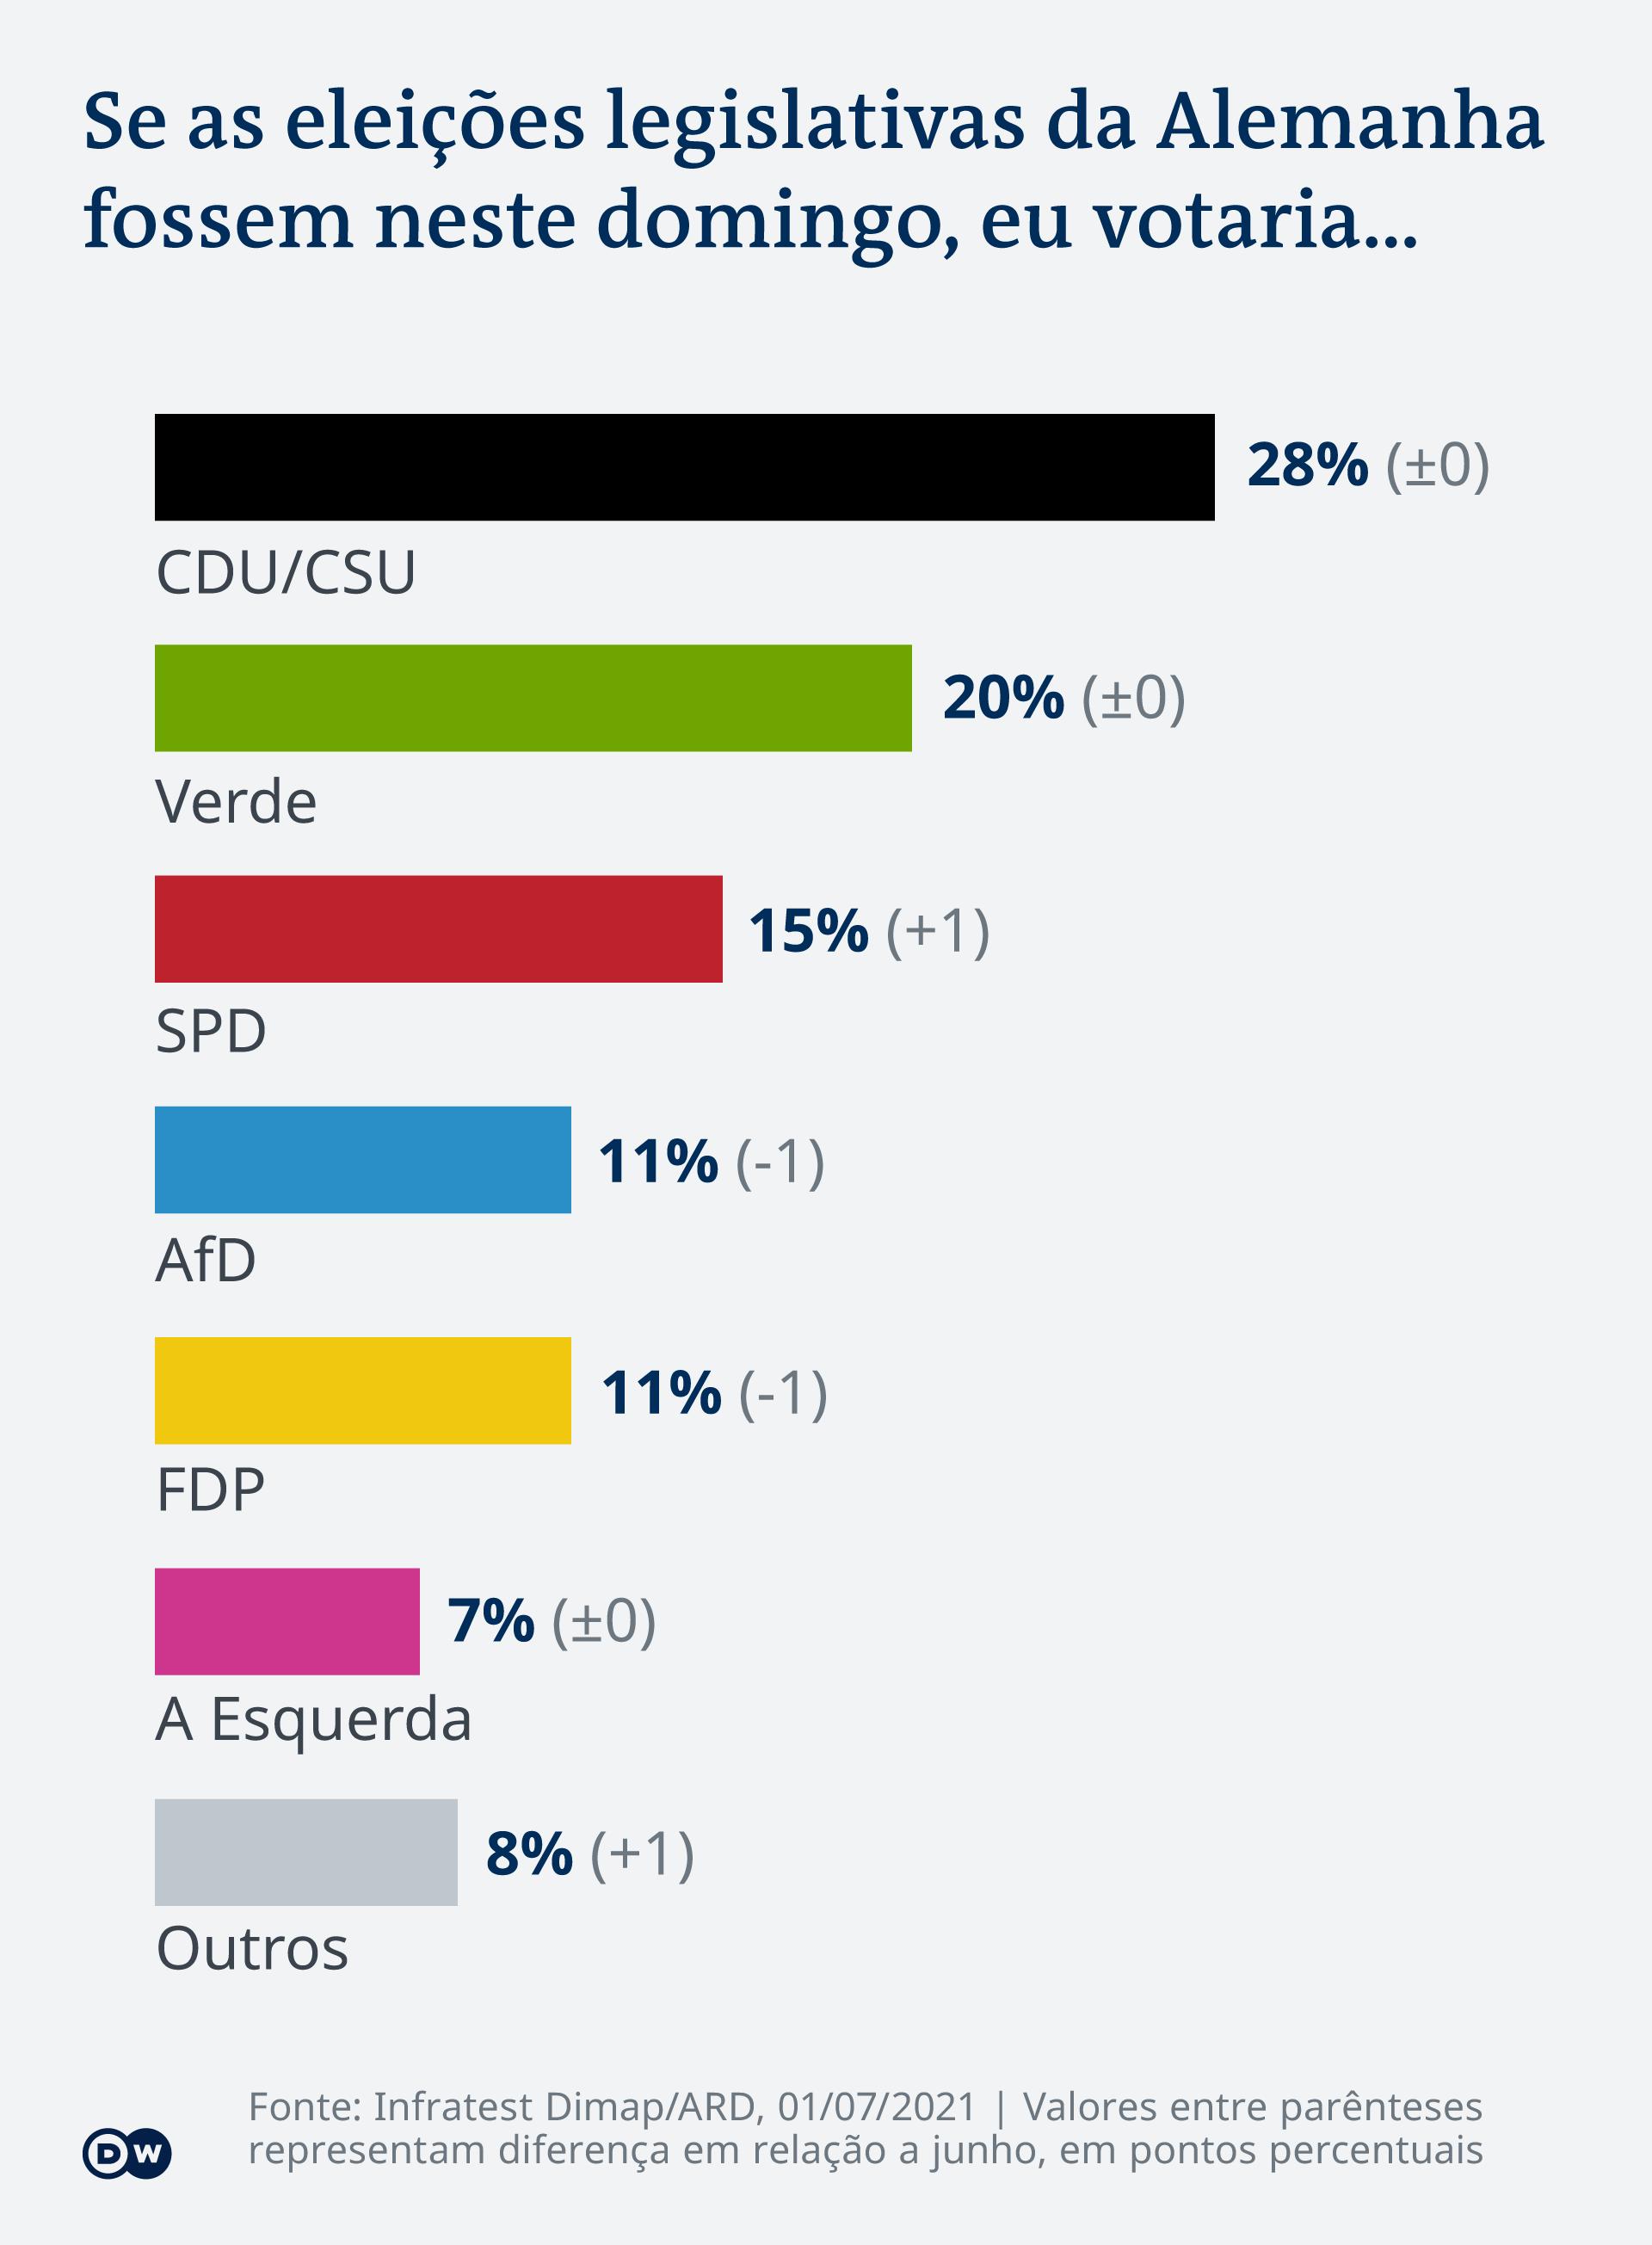 Deutschlandrend Sonntagsfrage PT